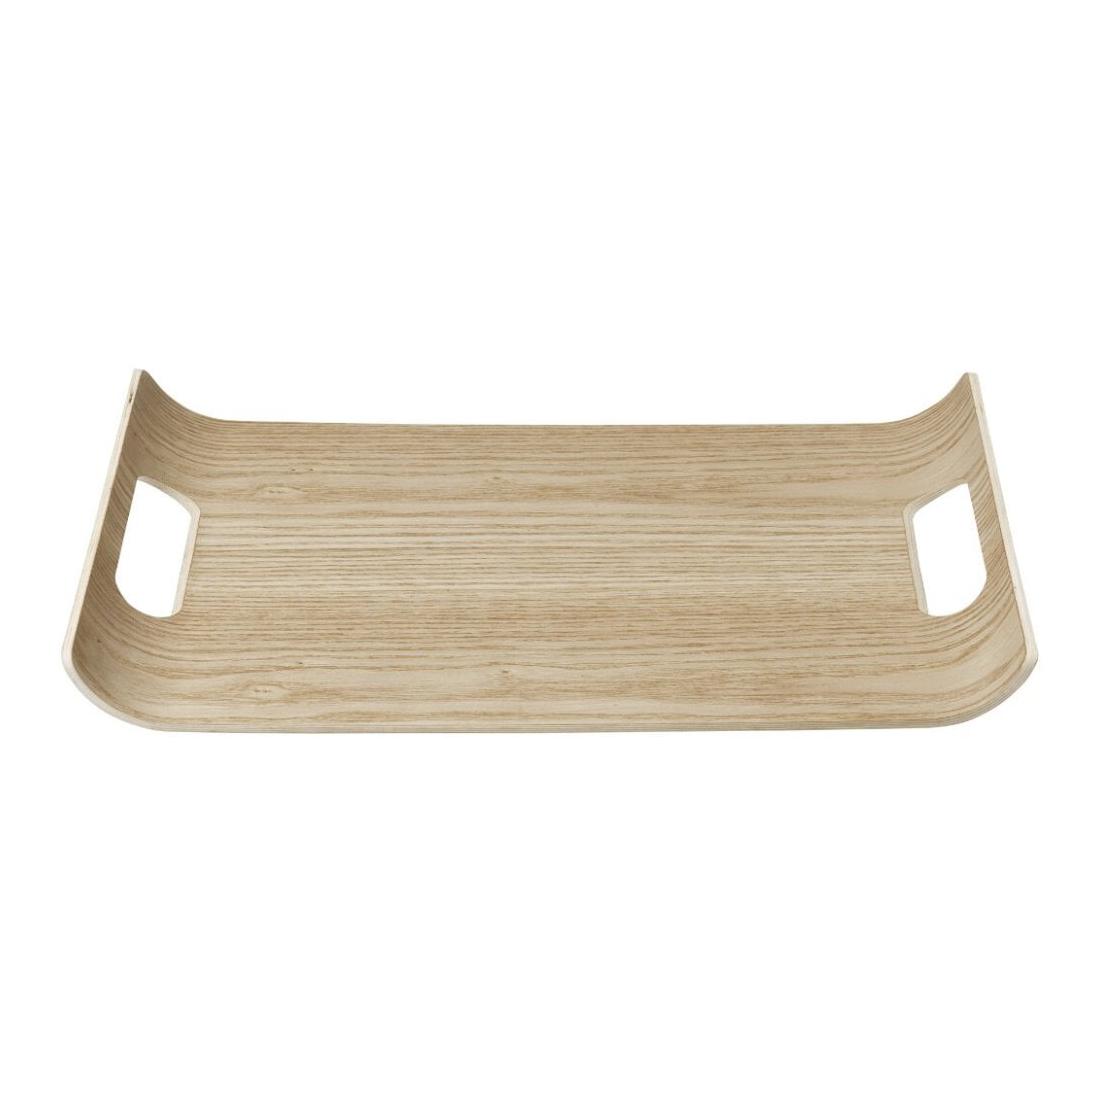 Dřevěný tác s vyvýšenými okraji WILO malý Blomus - Blomus Dřevěvý tác WILO 35,5x25 cm